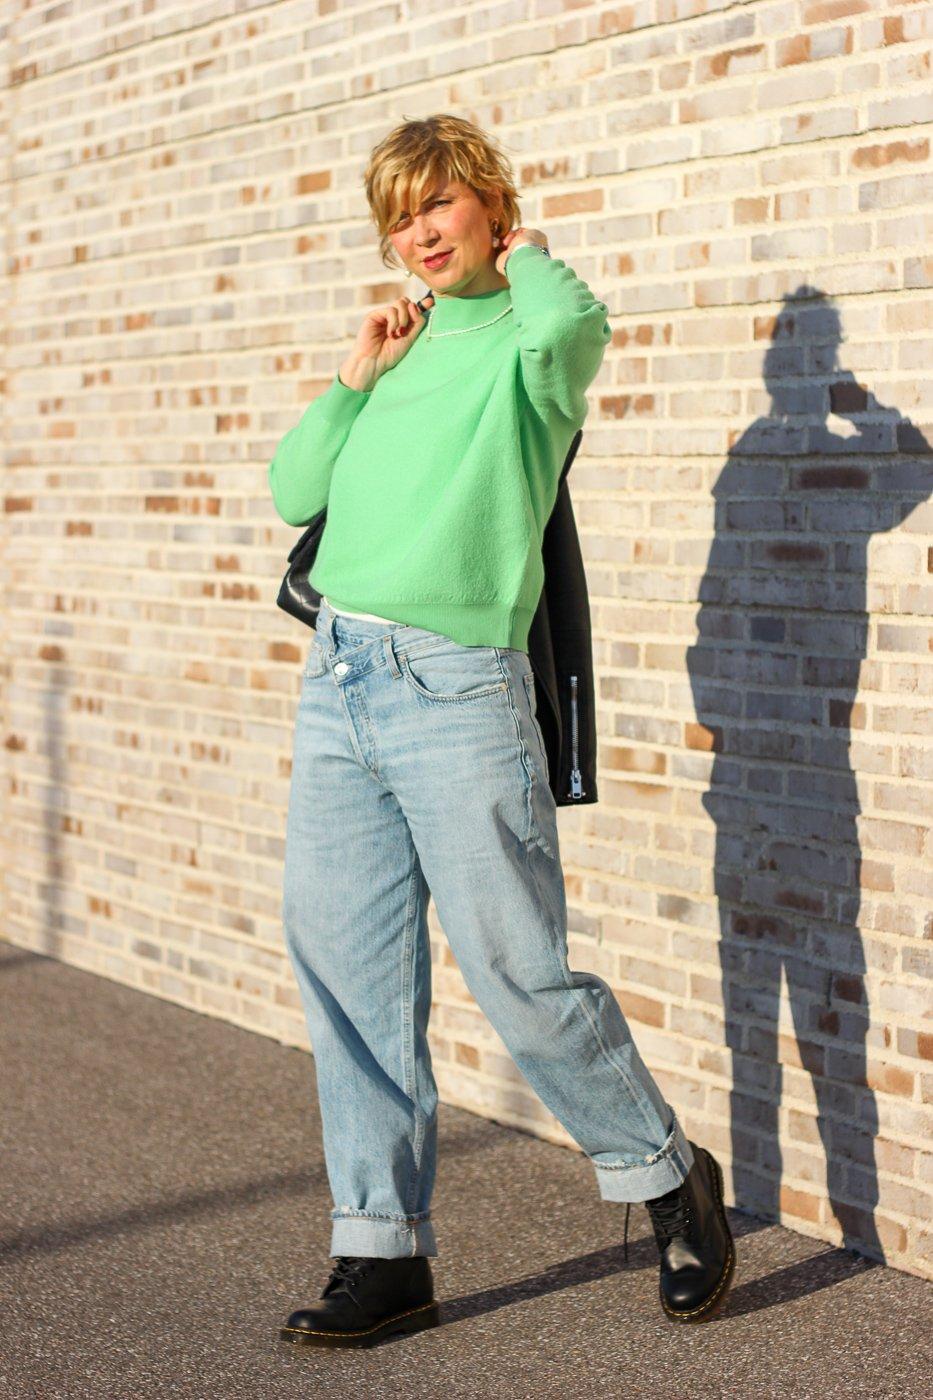 conny doll lifestyle: Jeans, Frühlingslook in Grün, Übergangsstyling, Lederjacke, Doc Martens, Agolde, American Vintage